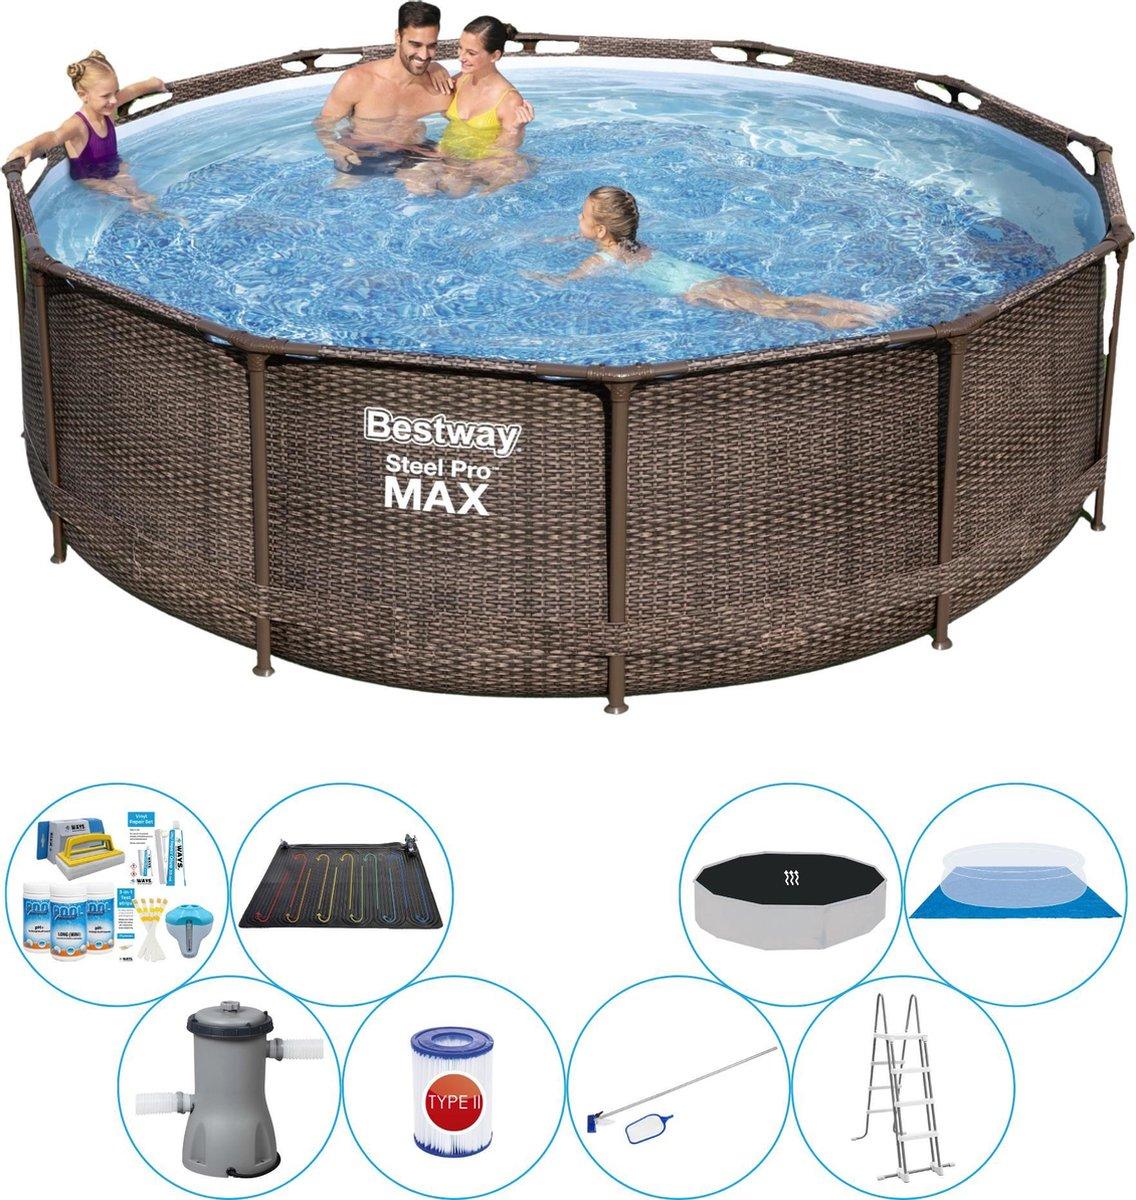 Zwembad Met Accessoires - Bestway Steel Pro MAX Rattan 366x100 cm